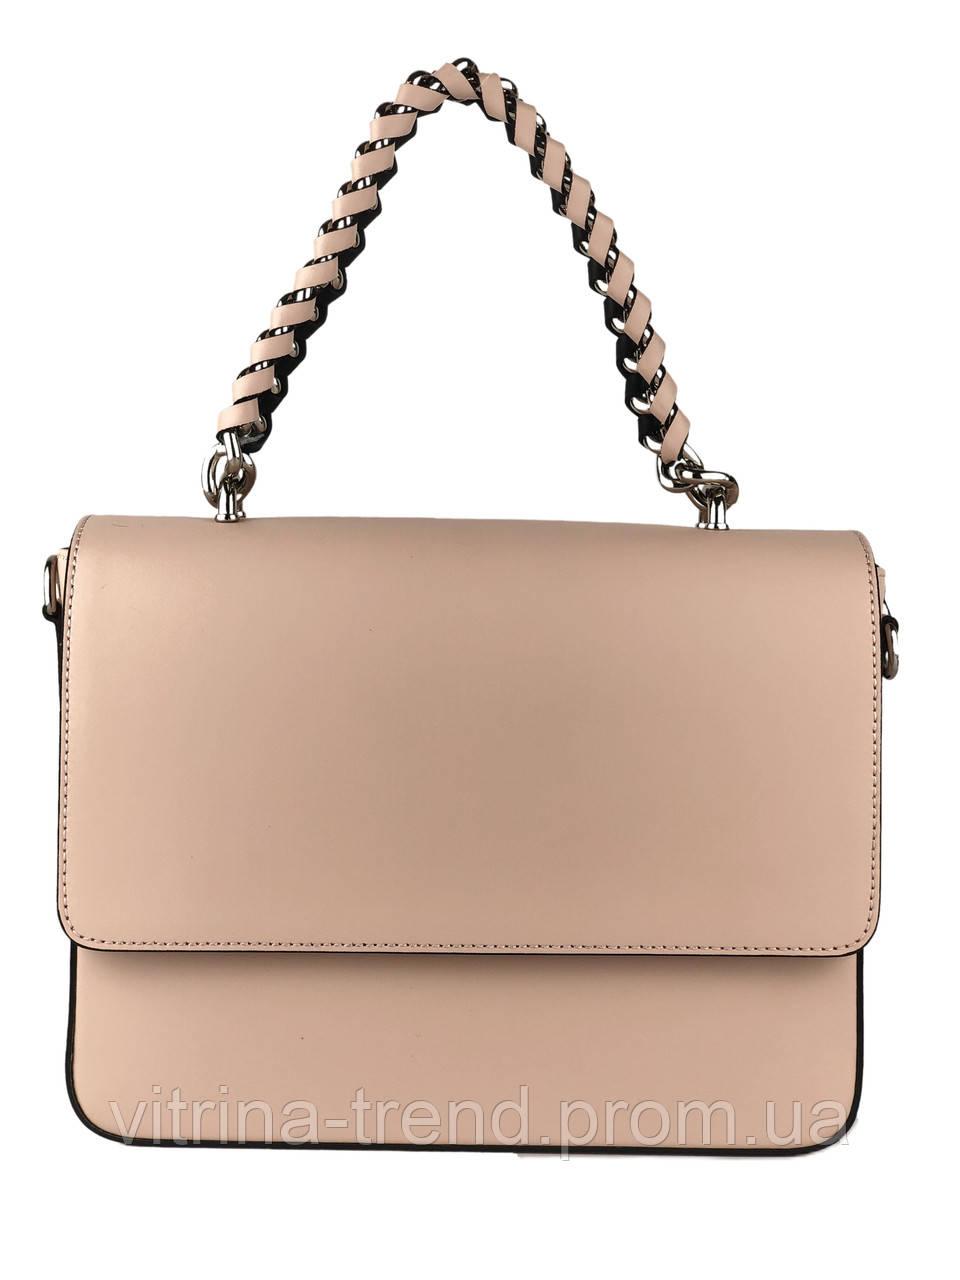 2da69a941ae6 Кожаная женская сумочка с оригинальной ручкой, цена 1 650 грн ...